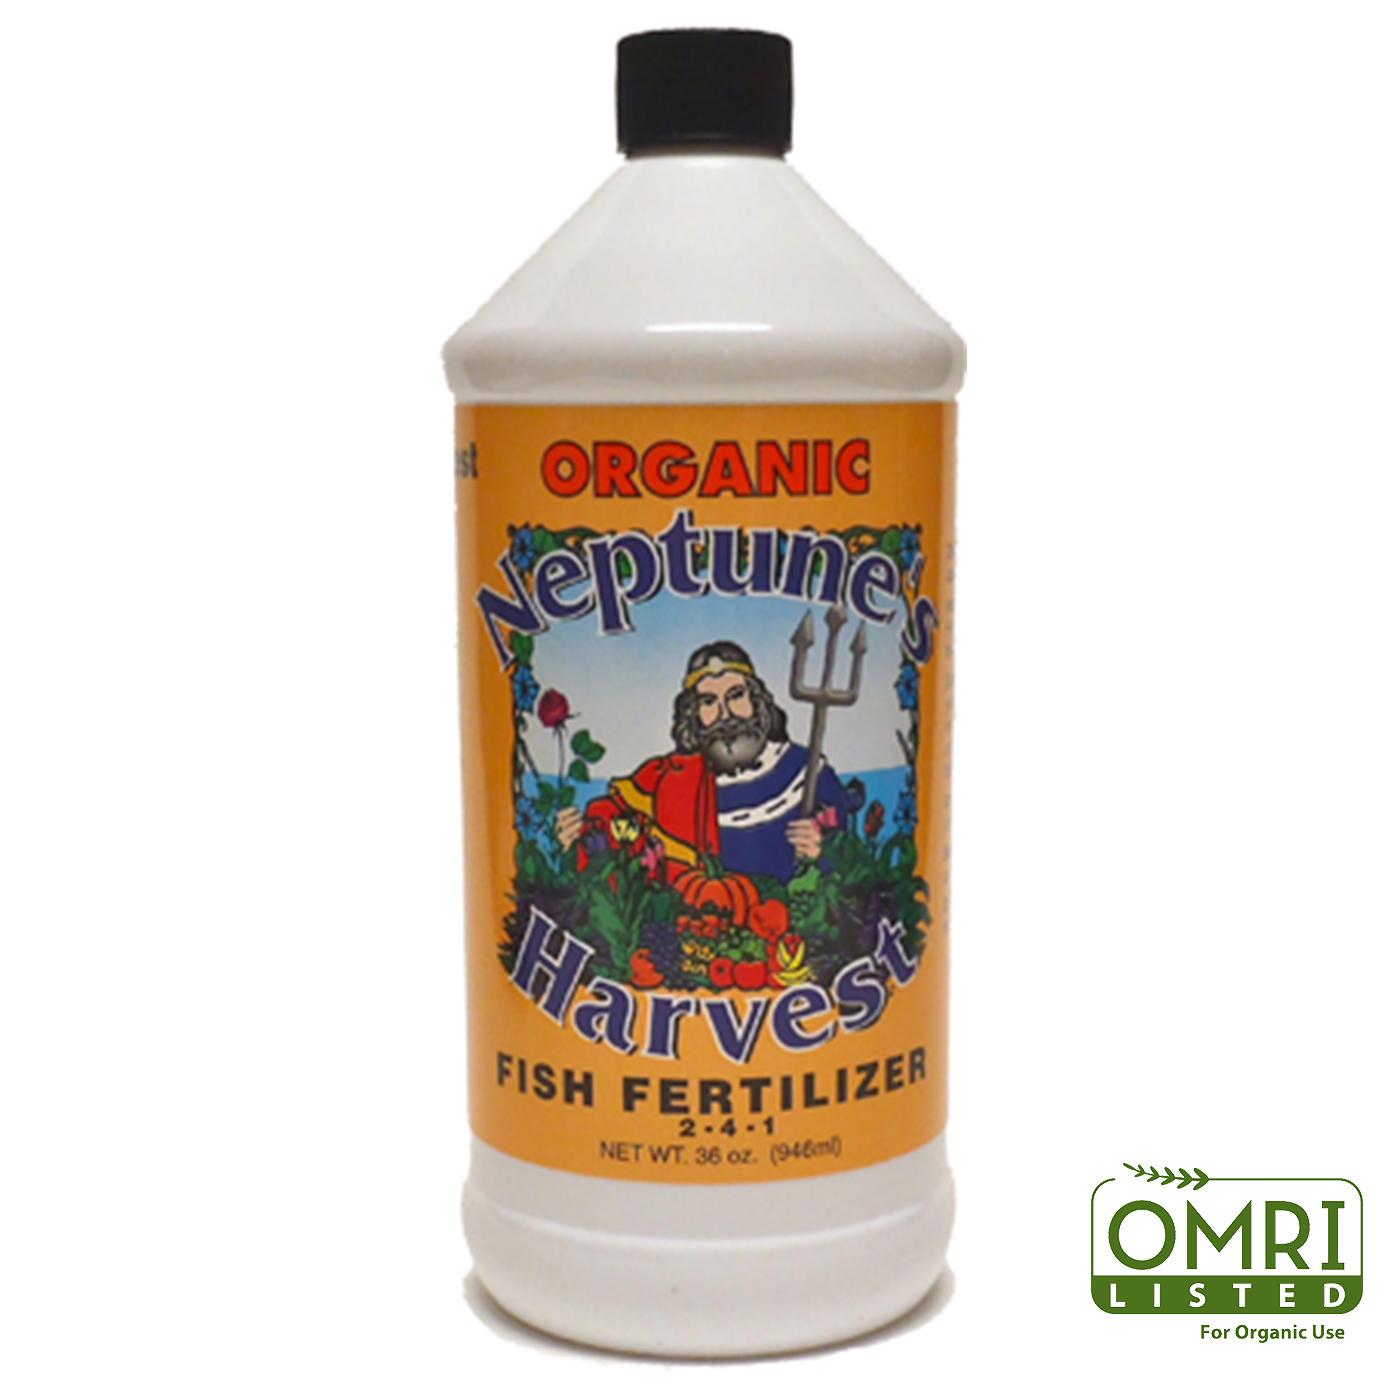 hydrolyzed-fish-fertilizer-one-quart-2-4-1-14